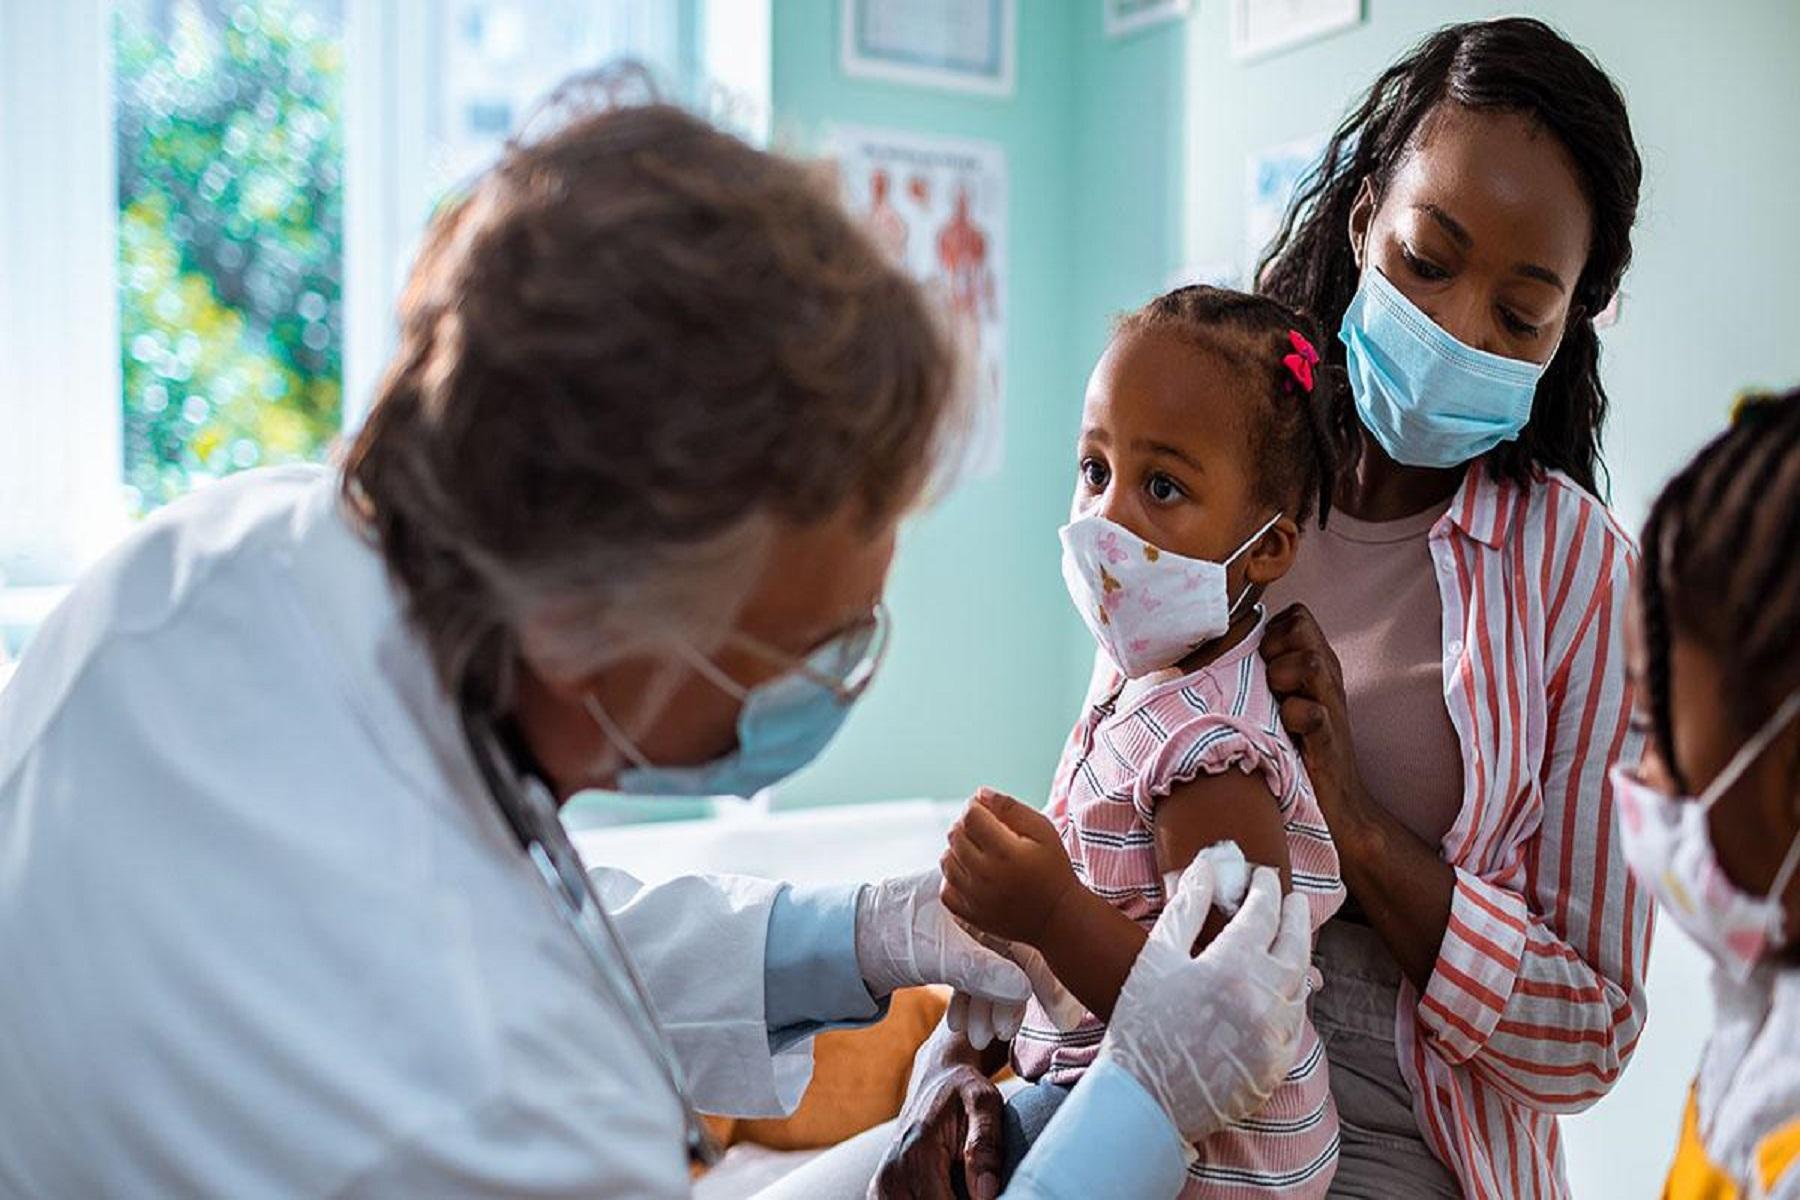 Ιατρικός Έλεγχος: Απαραίτητες οι ιατρικές εξετάσεις ρουτίνας μέχρι τα 30 προειδοποιούν οι γιατροί